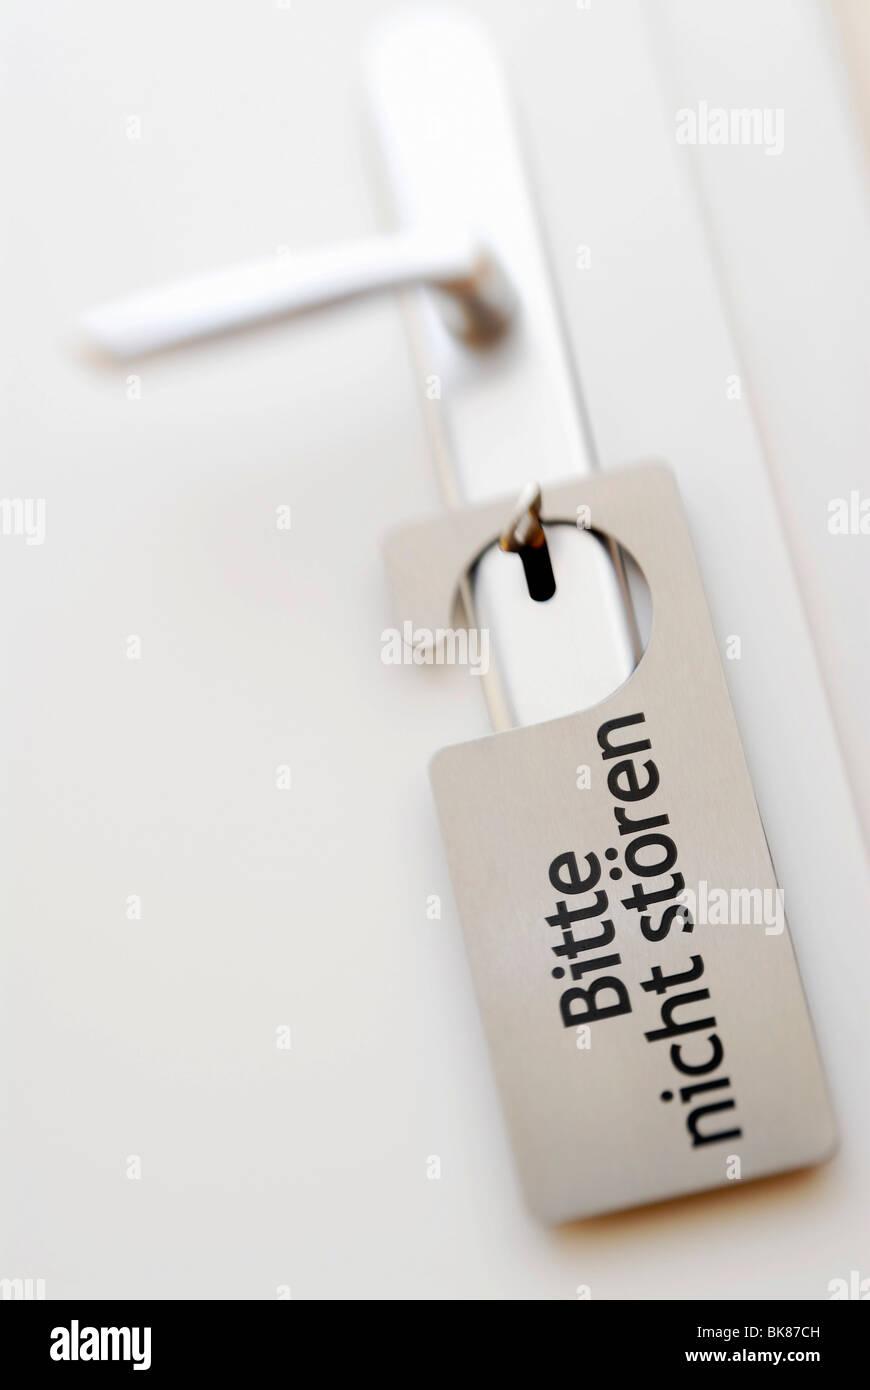 Door with a Do not disturb sign in German, Bitte nicht stoeren Stock Photo